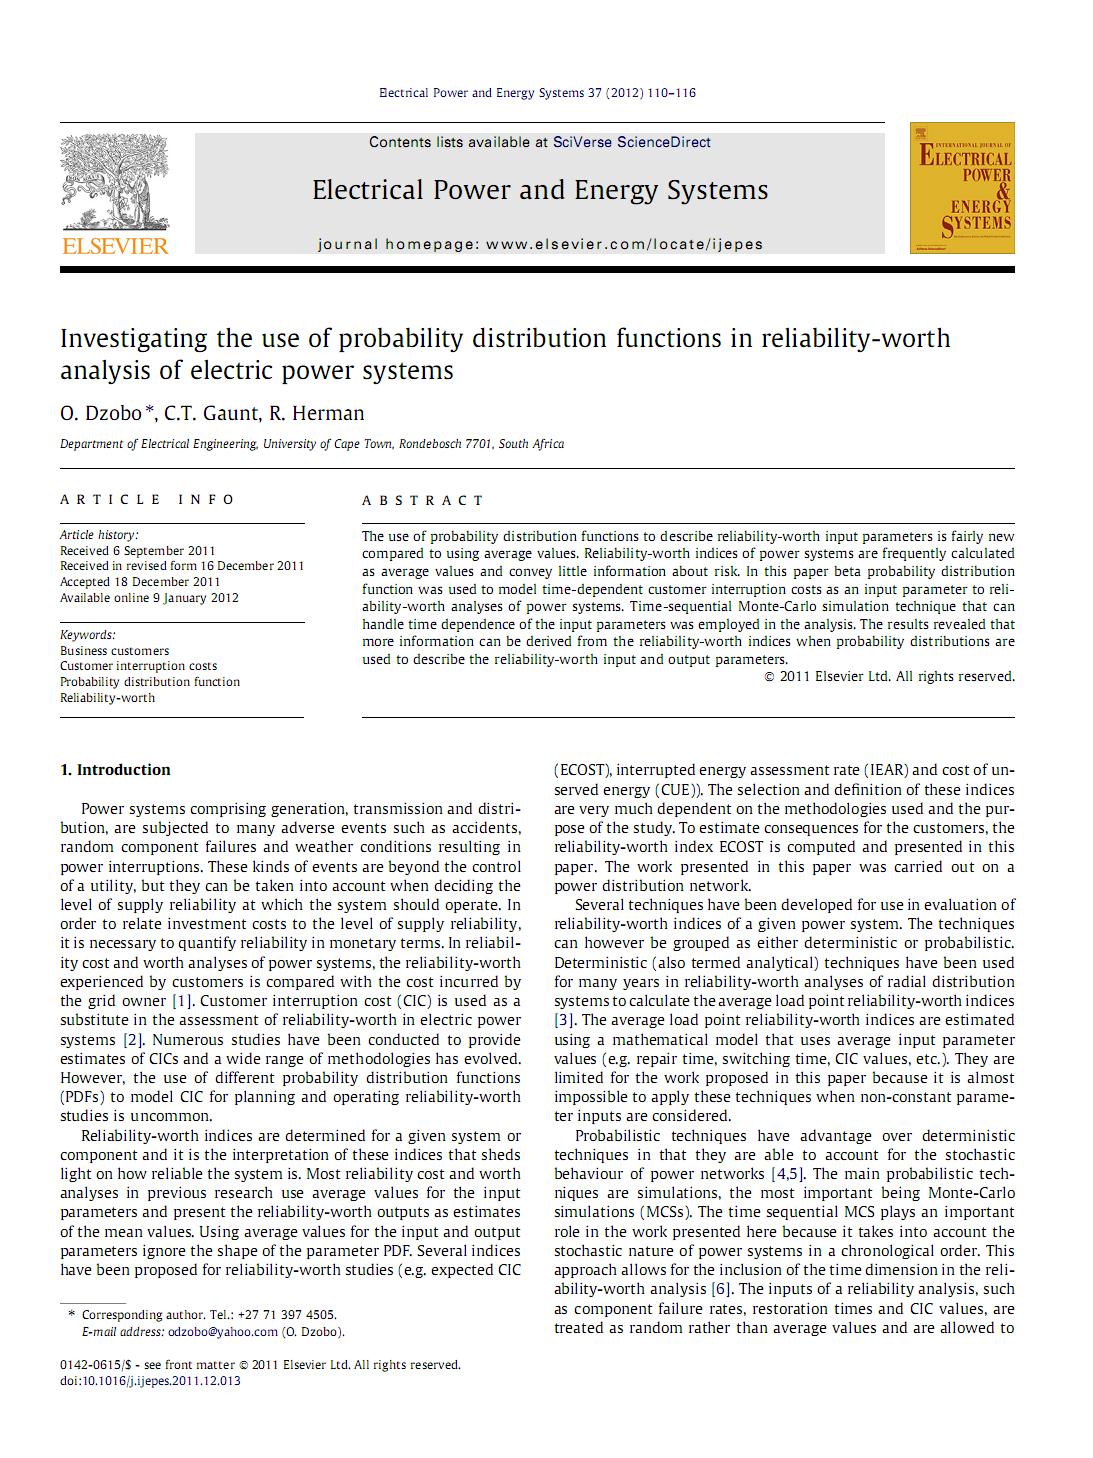 بررسی استفاده از توابع توزیع احتمال در تجزیه و تحلیل ارزش قابلیت اطمینان سیستم های قدرت الکتریکی